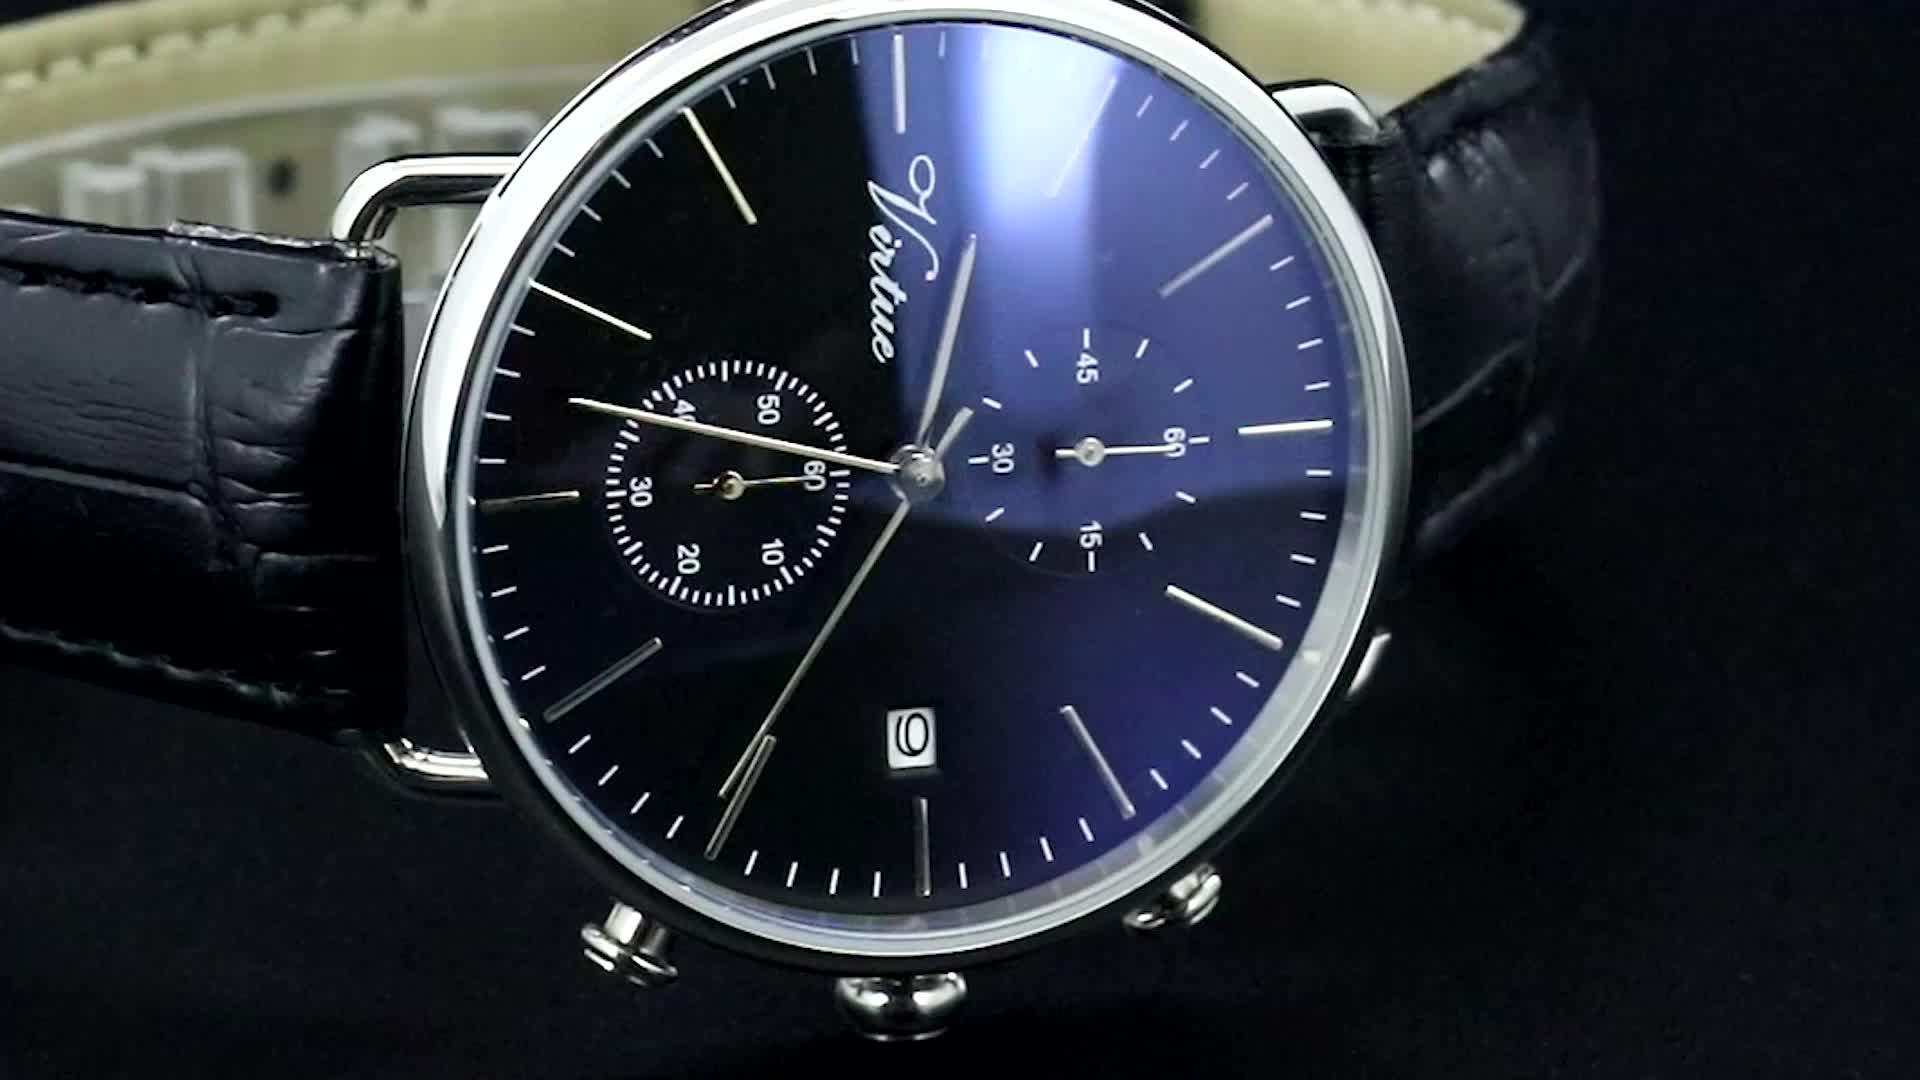 2020 क्रोनोग्रफ़ नीलम क्रिस्टल कस्टम लोगो कलाई घड़ी Mens स्टेनलेस स्टील घड़ियों